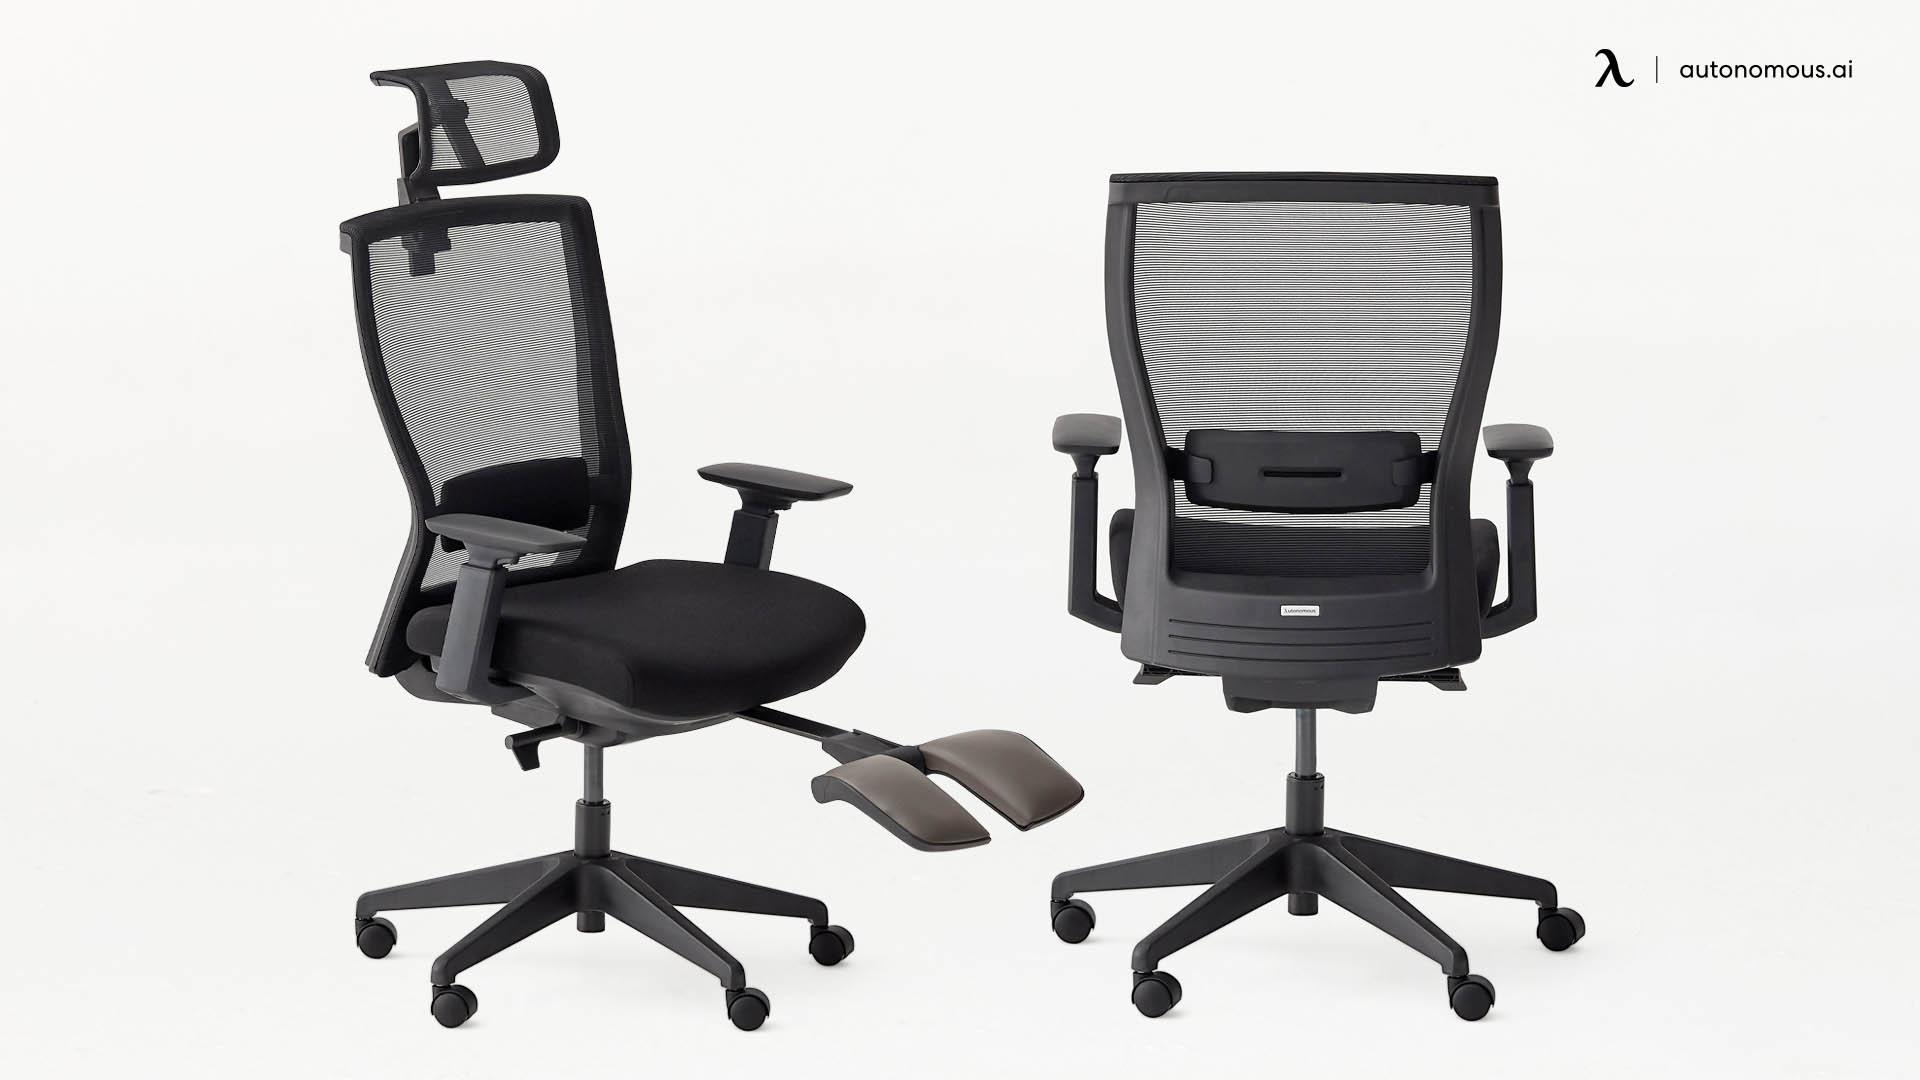 Myo Chair